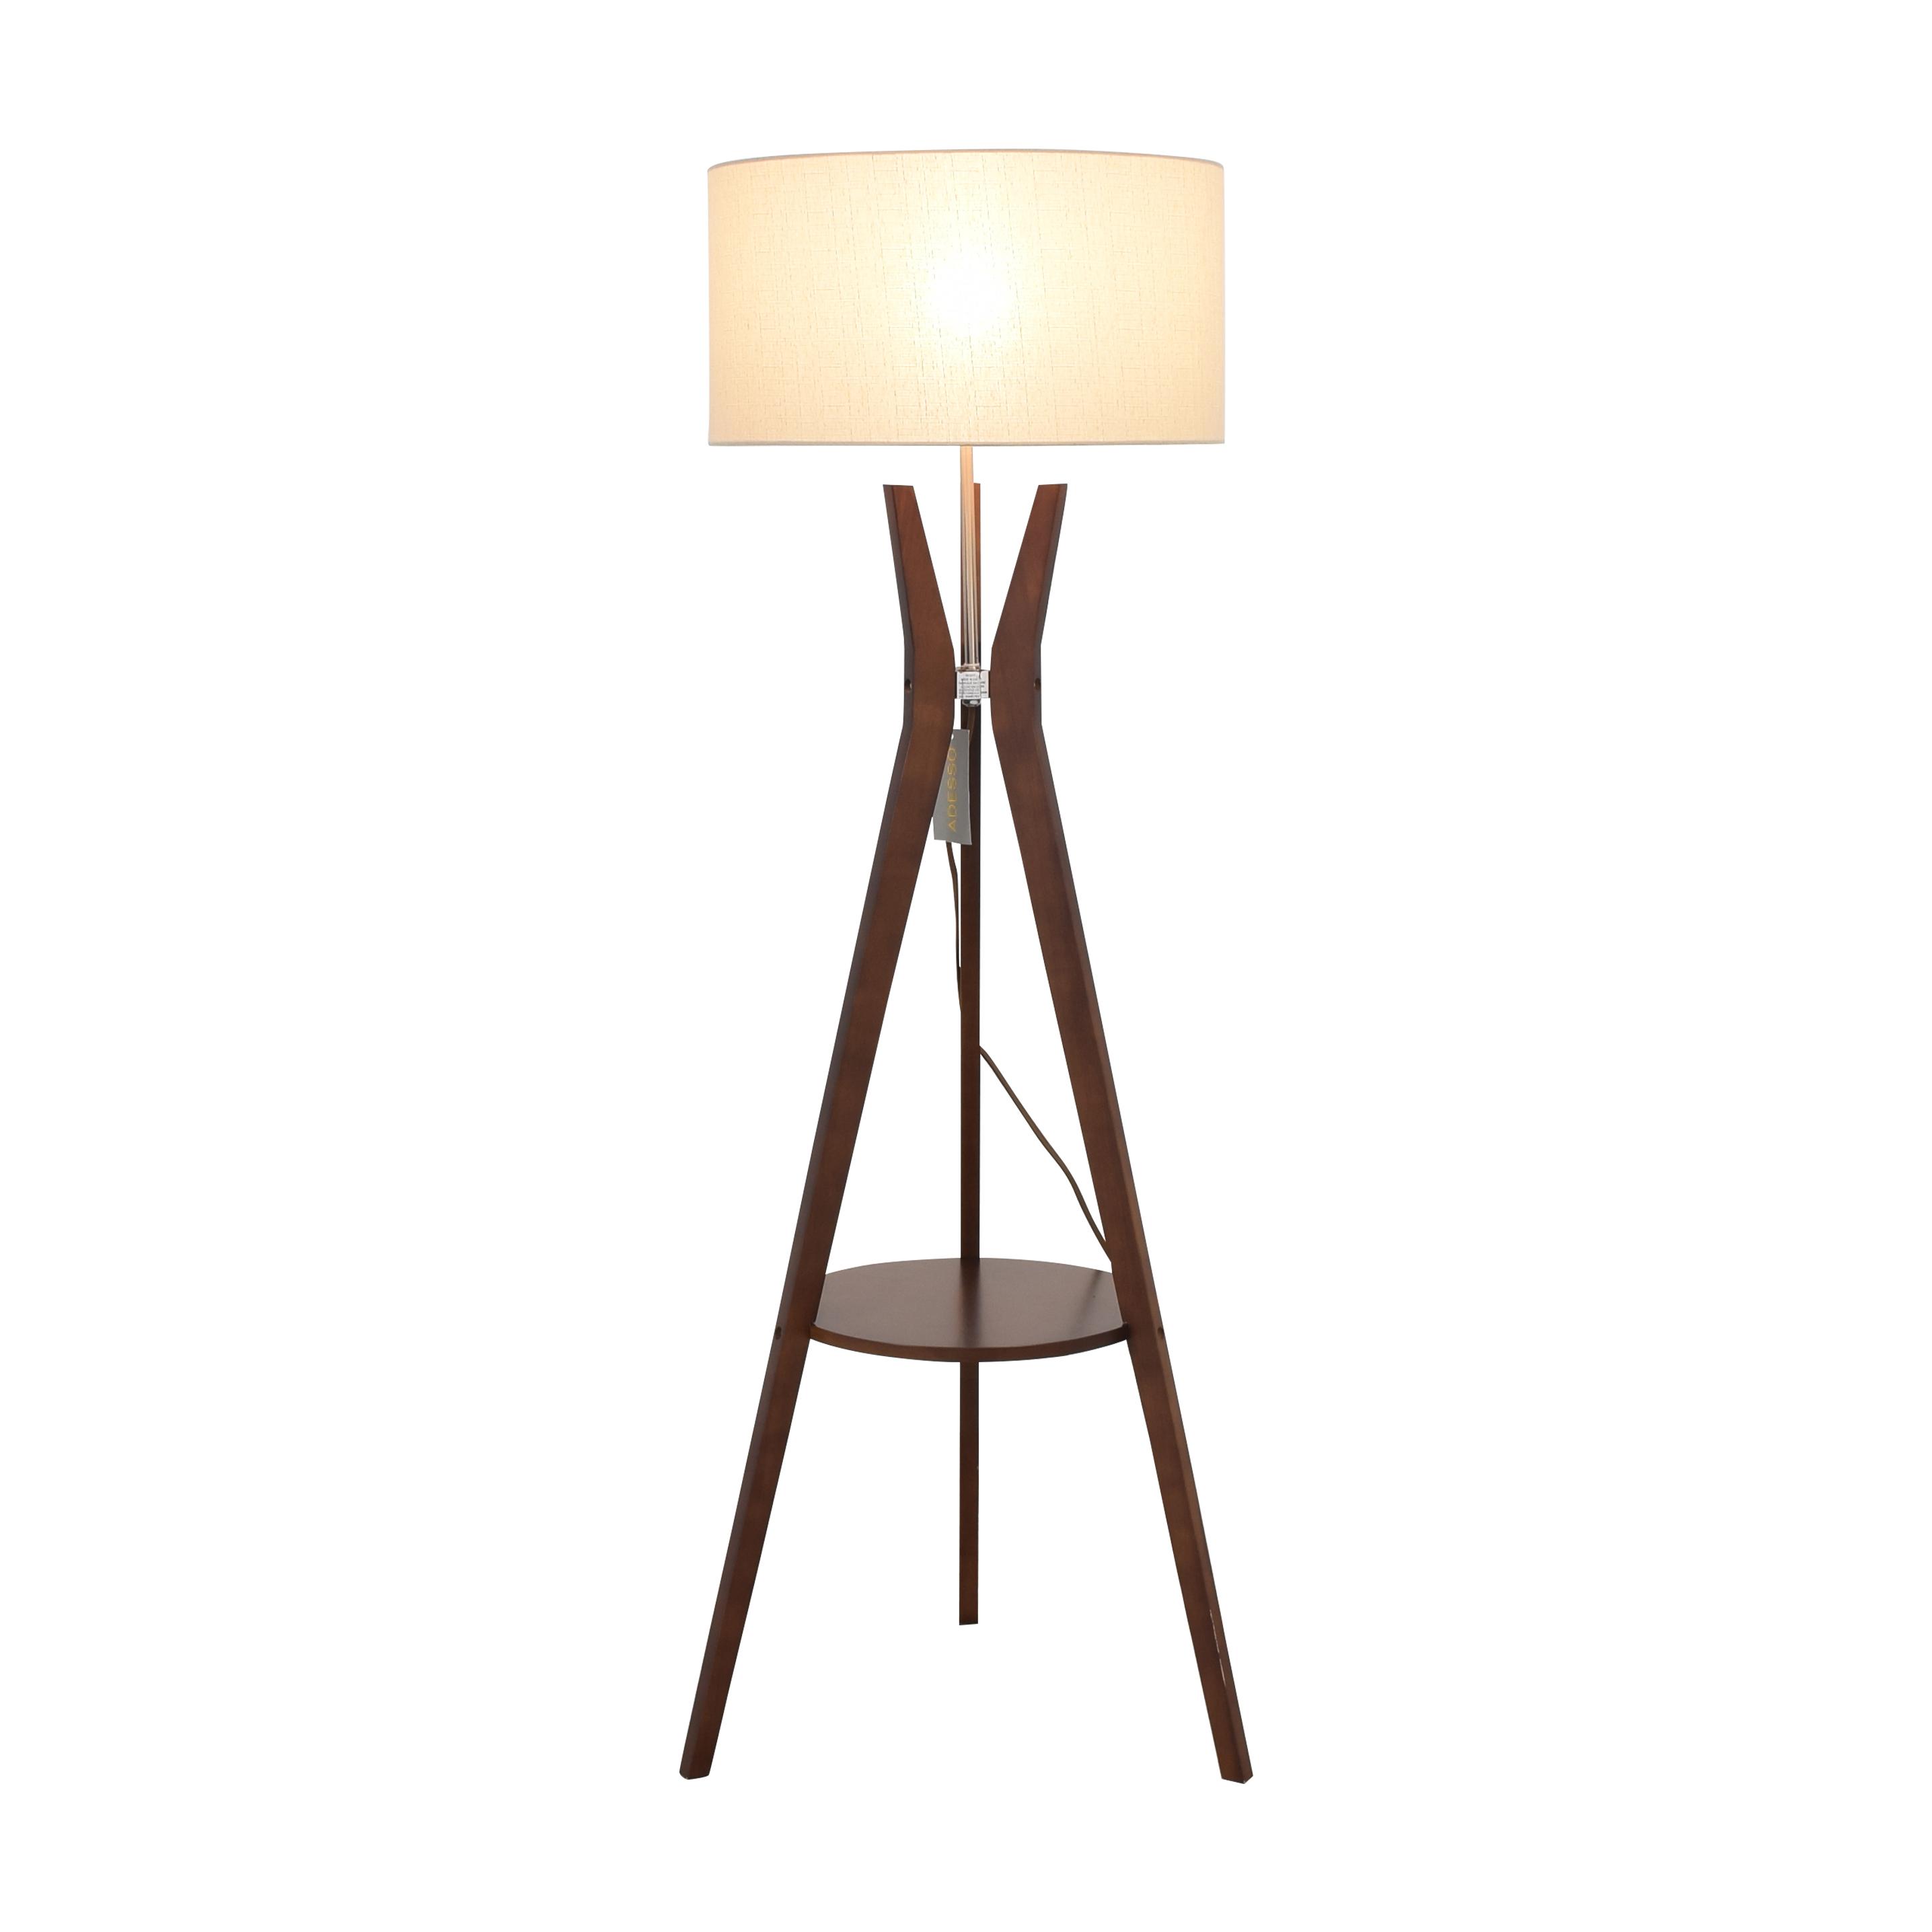 Adesso Adesso Bedford Tripod Lamp